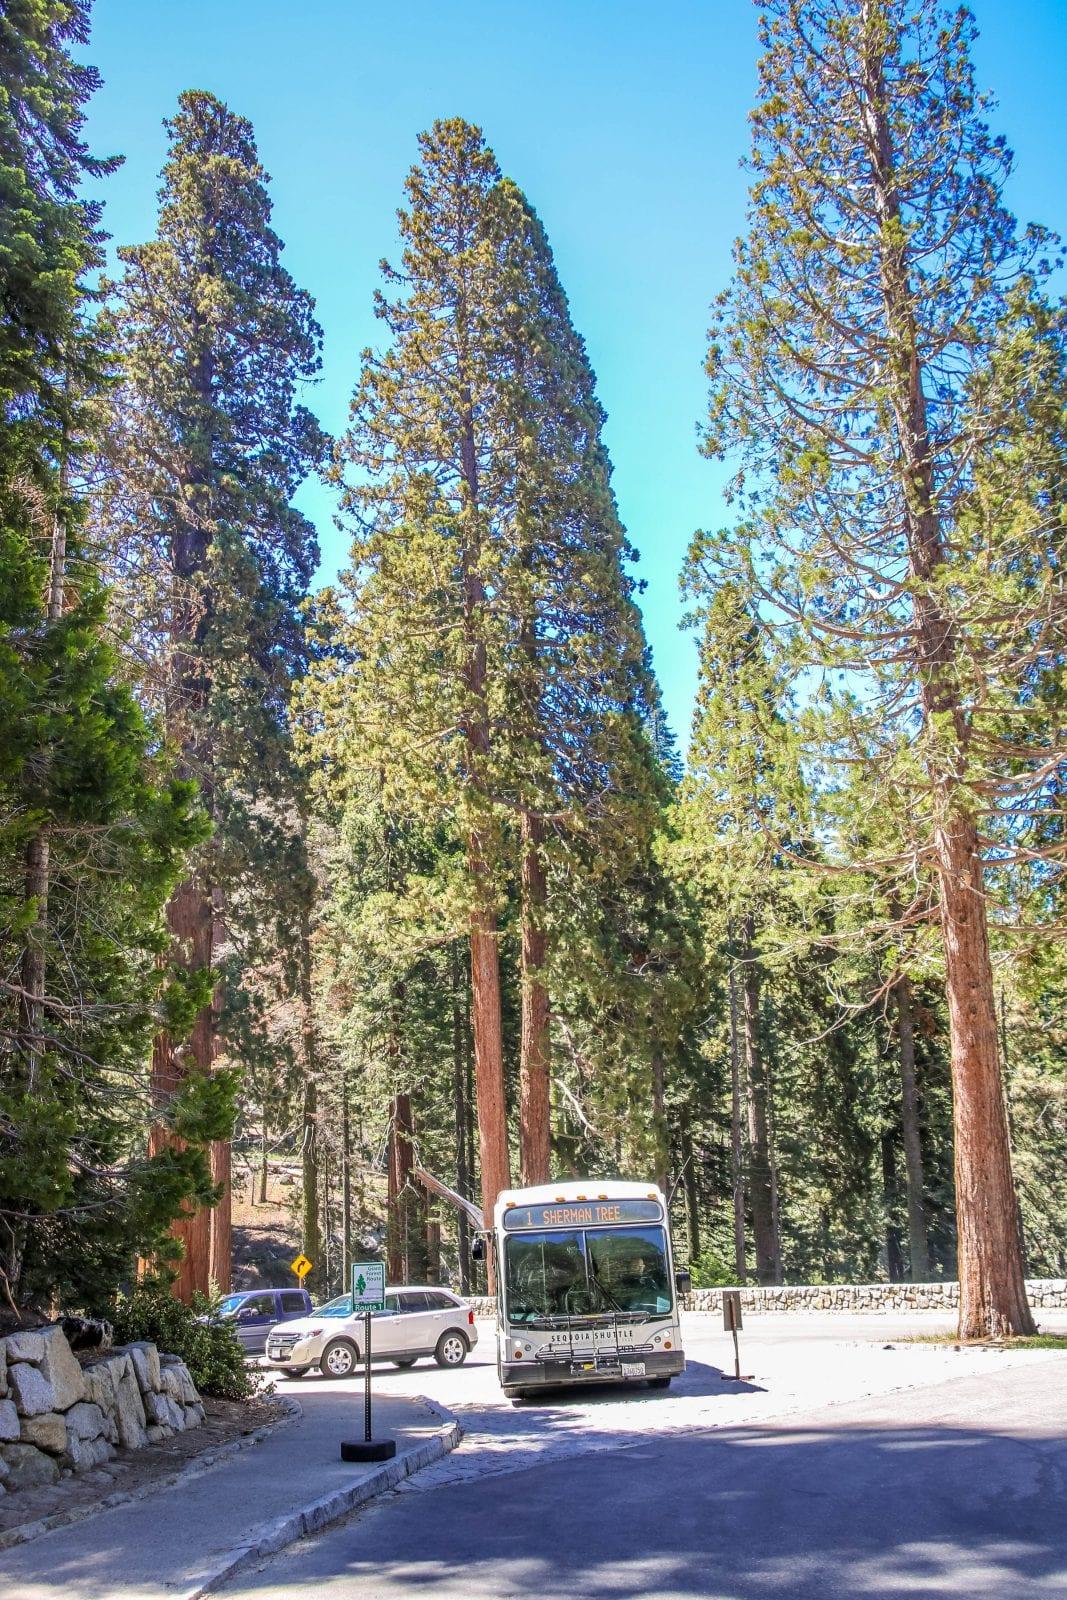 Bus Sequoia